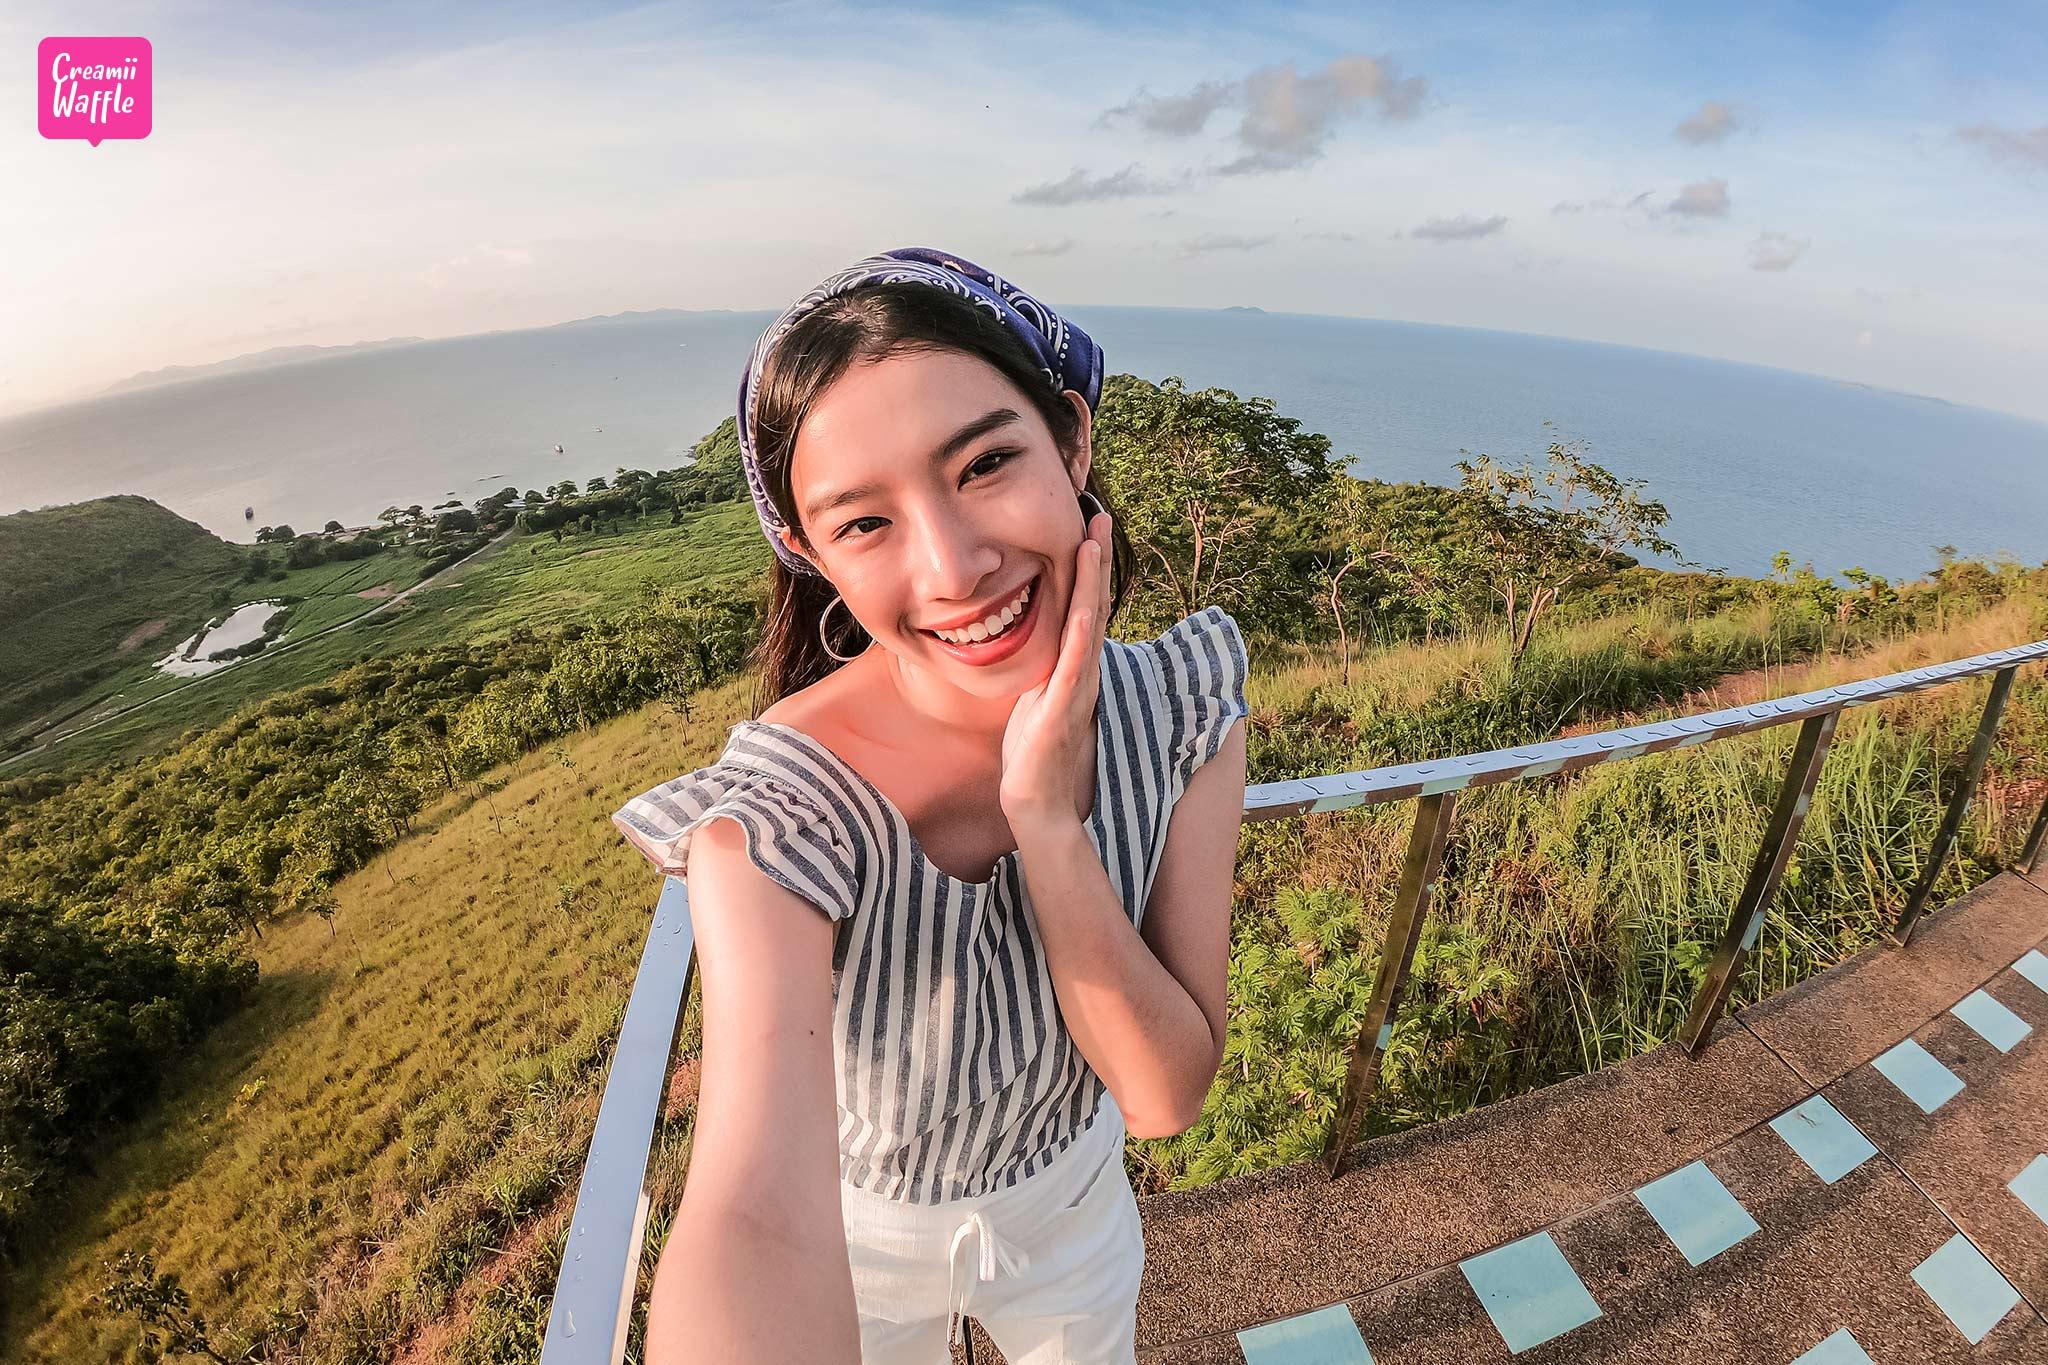 ที่เที่ยวเกาะล้าน 2019 Creamii